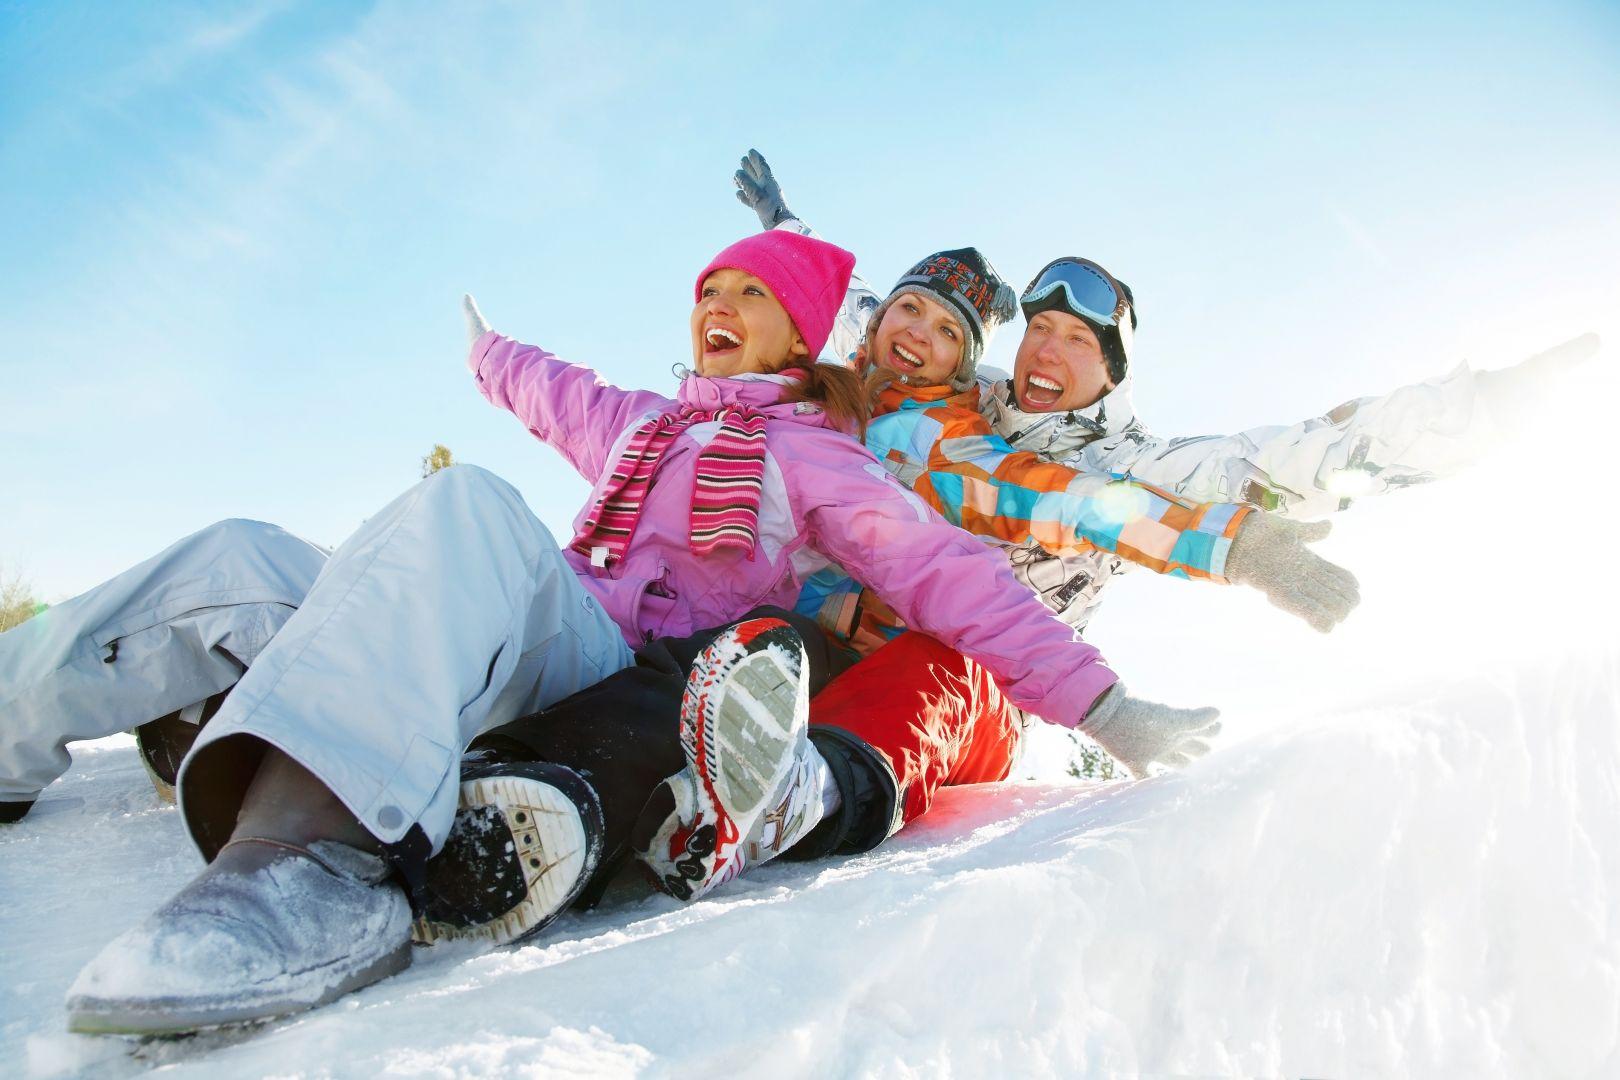 Развлекательный зимний спорт